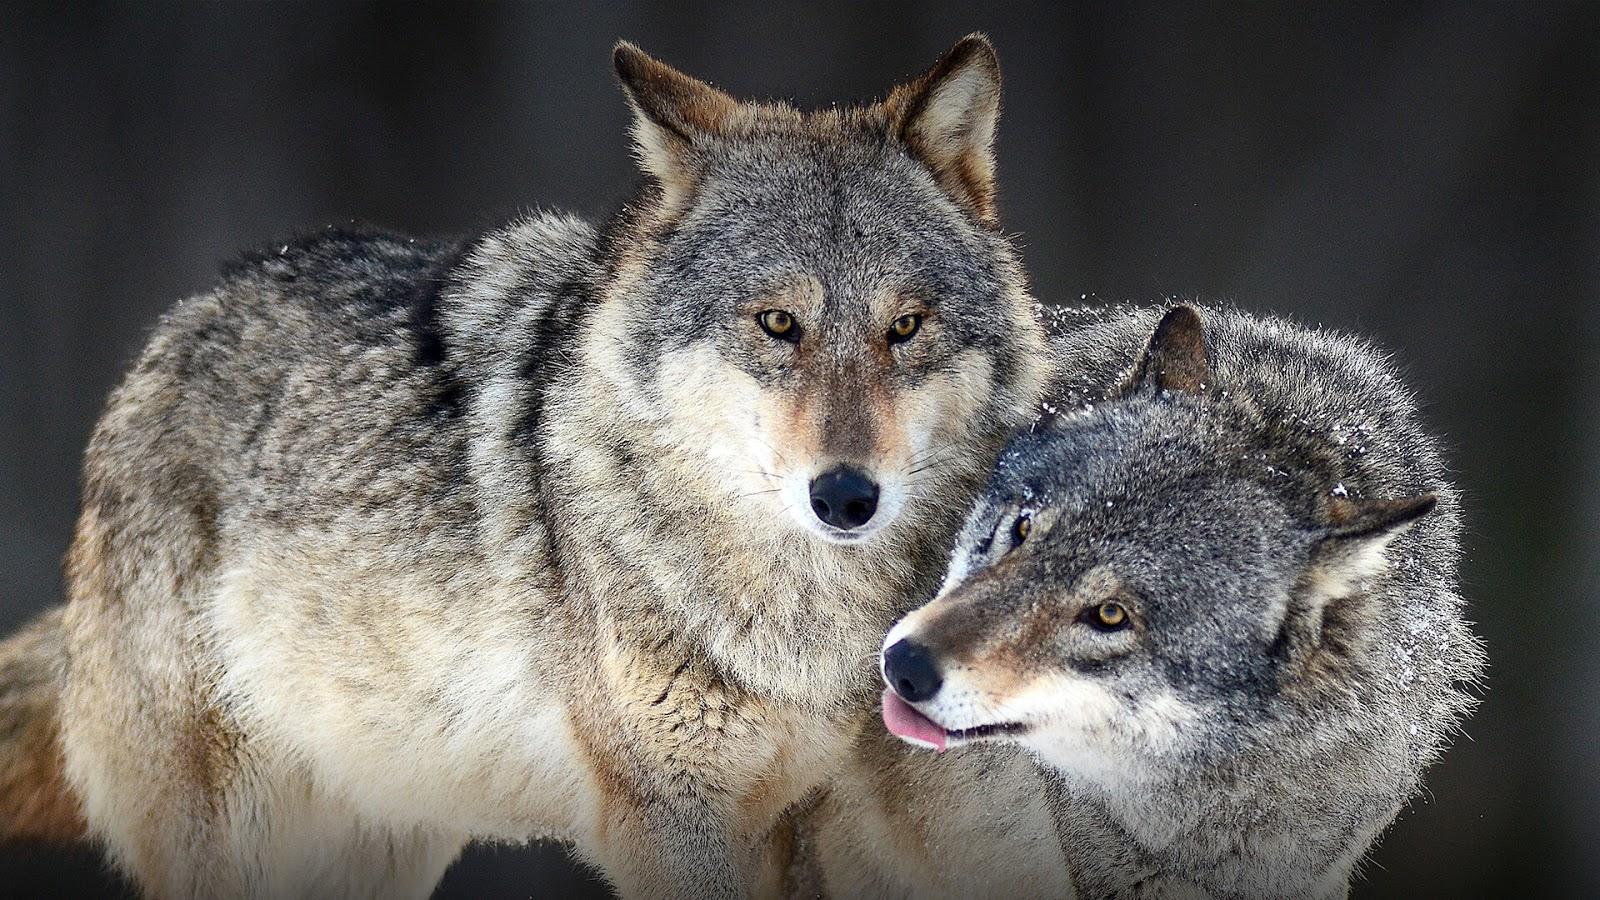 22 Fakta Unik Mengenai Serigala yang Jarang Kamu Ketahui